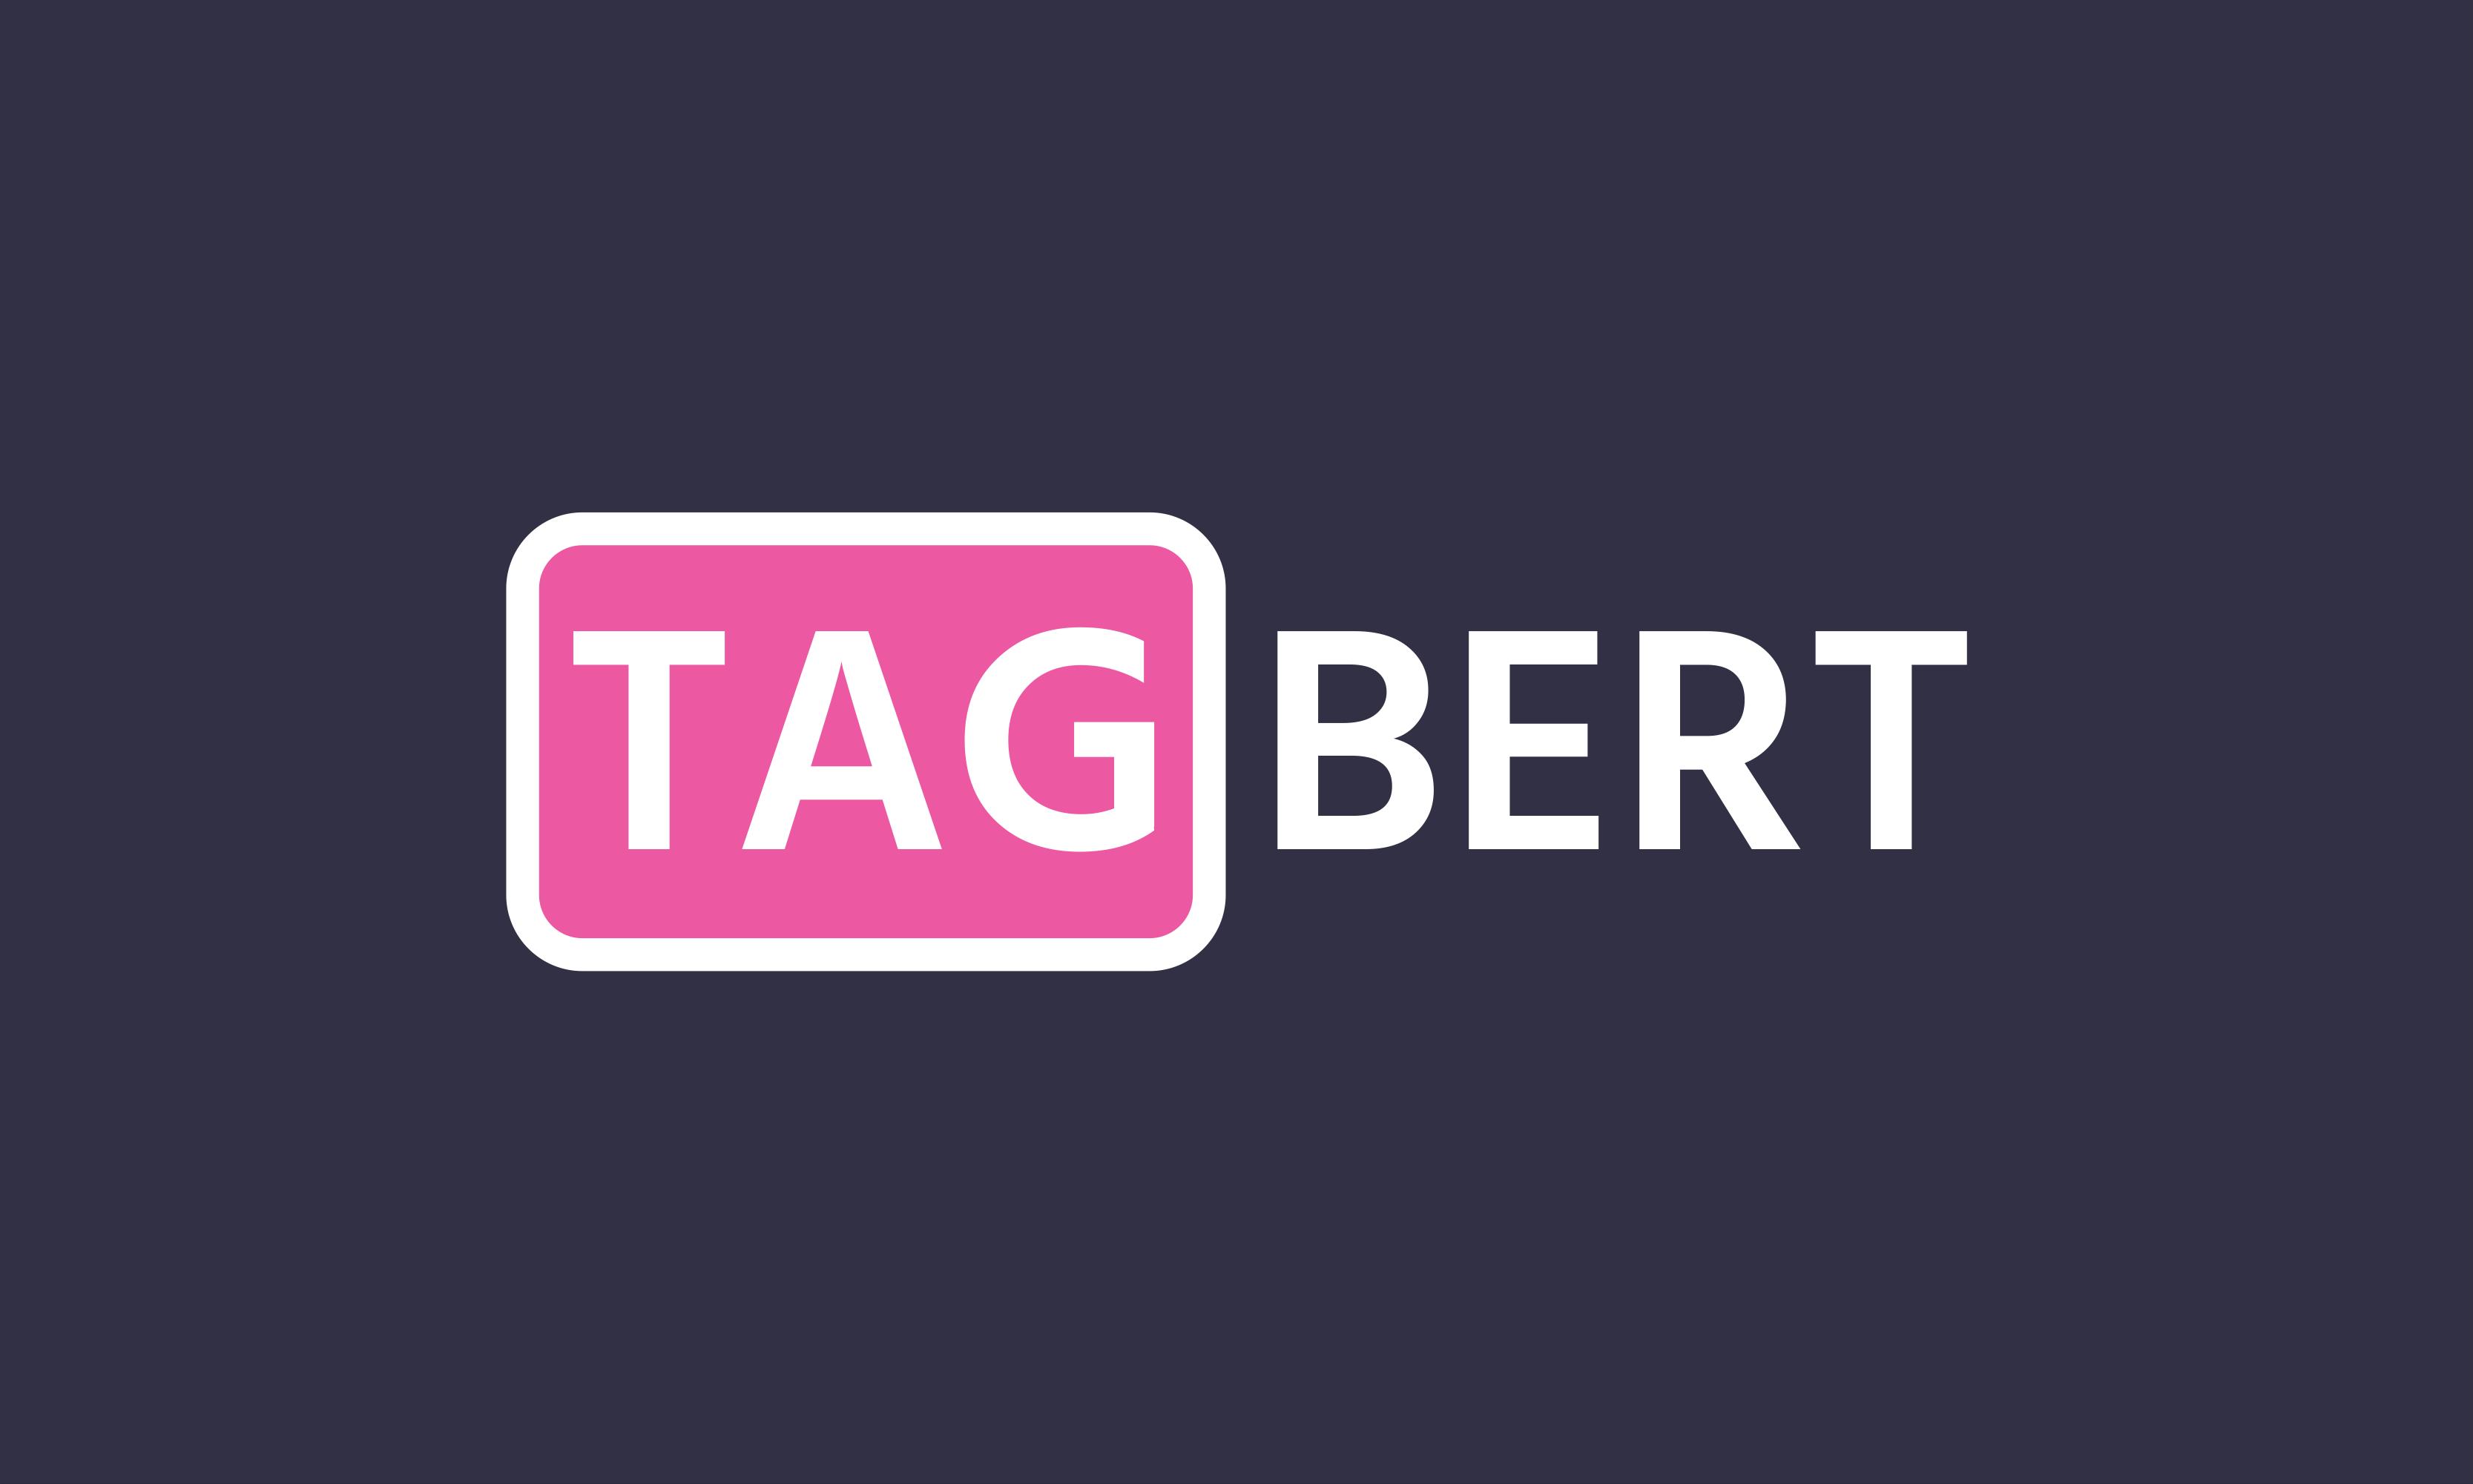 Tagbert